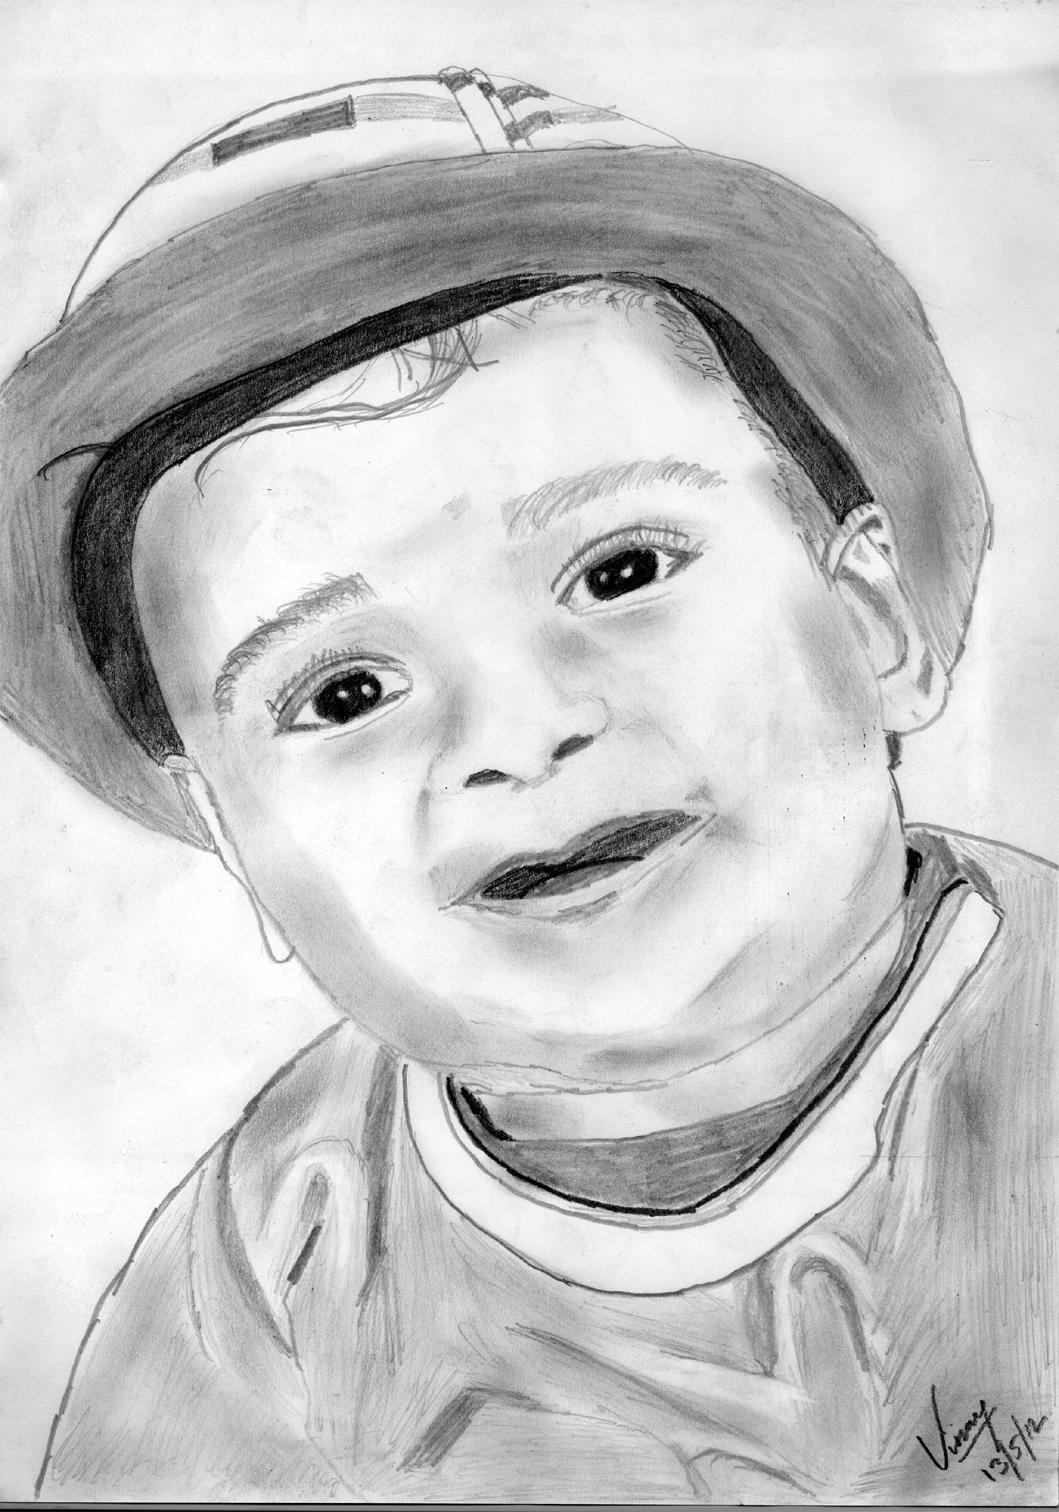 1059x1512 Pencil Sketch Of A Cute Baby